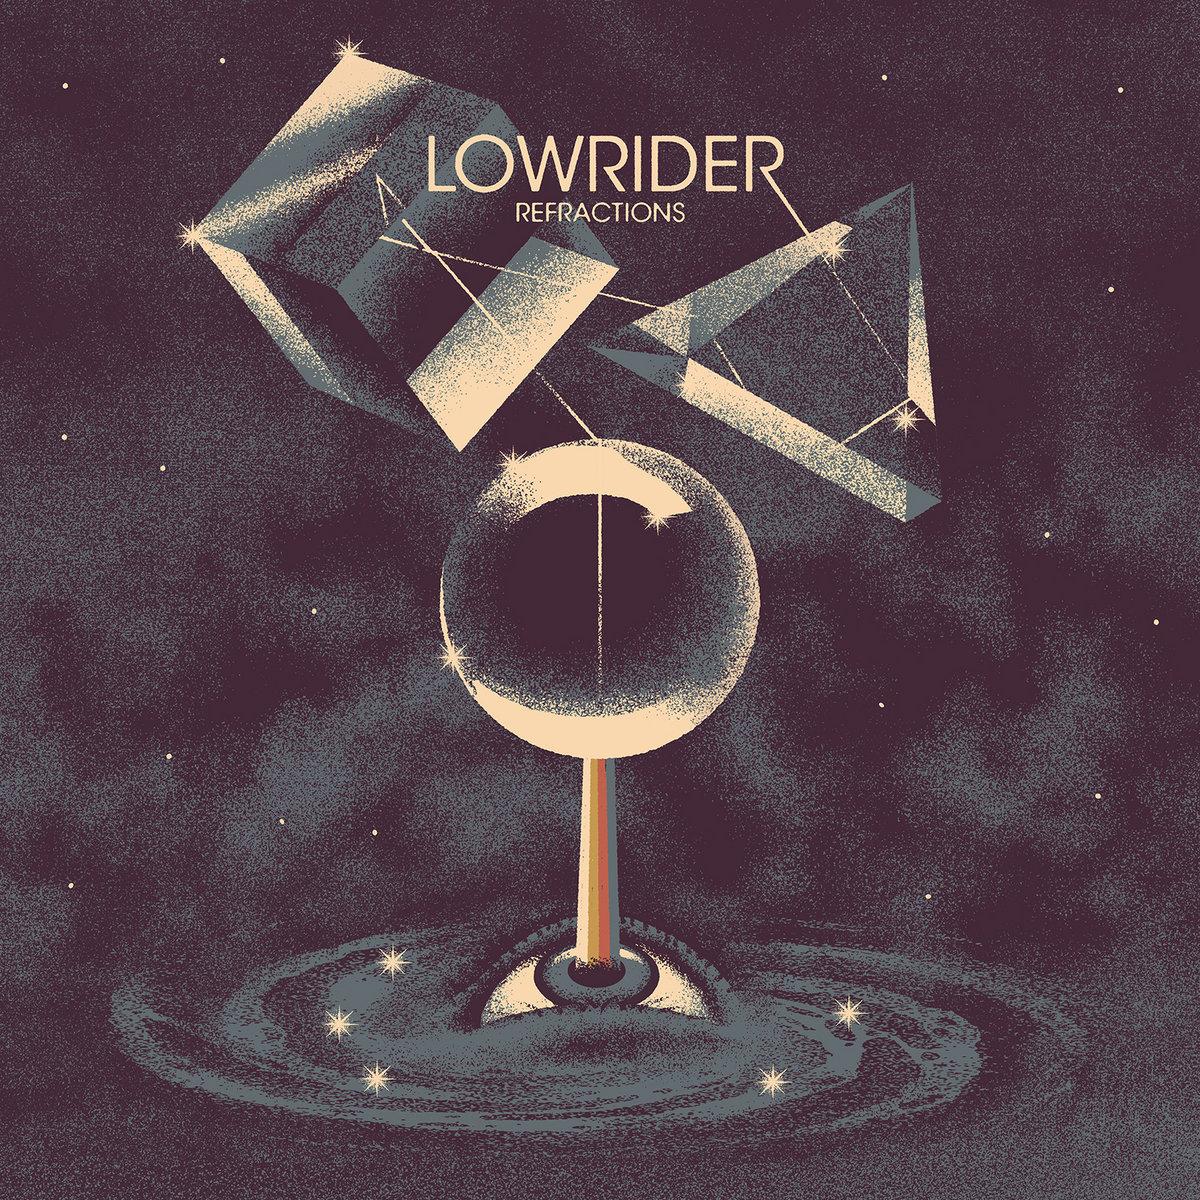 El Tópic de Lowrider A1436667898_10